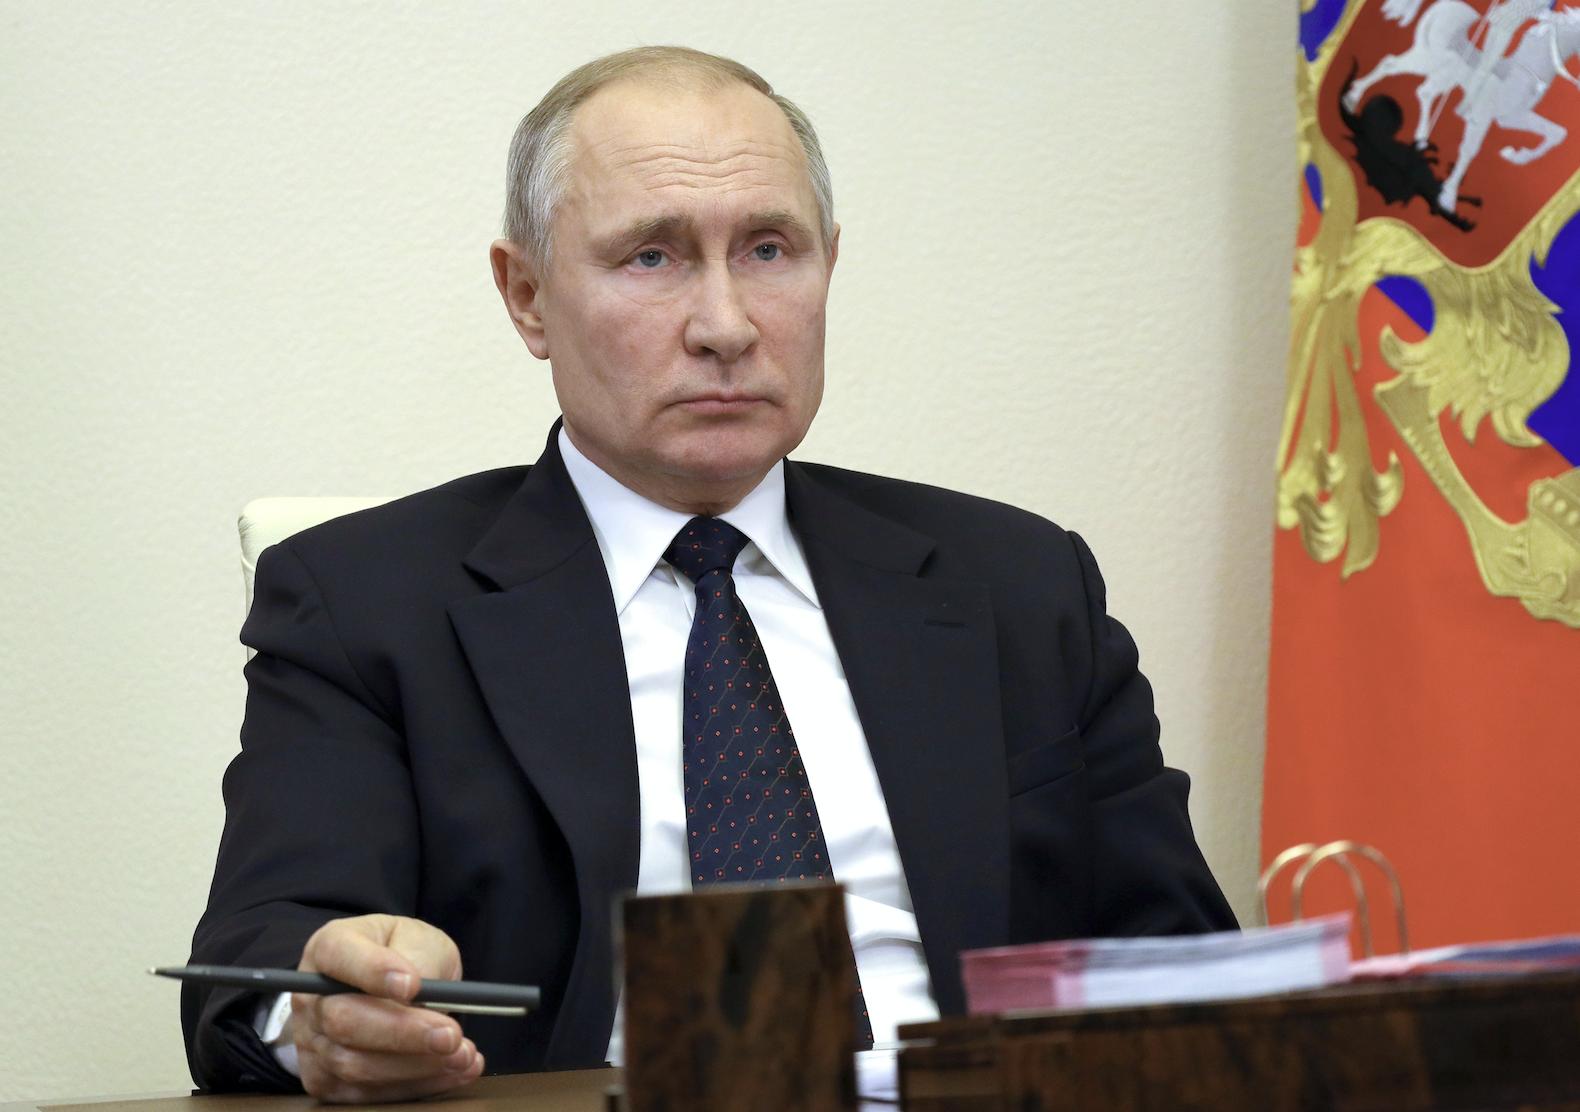 Путин обсудил с Совбезом РФ итоги переговоров с Алиевым и Пашиняном по Карабаху